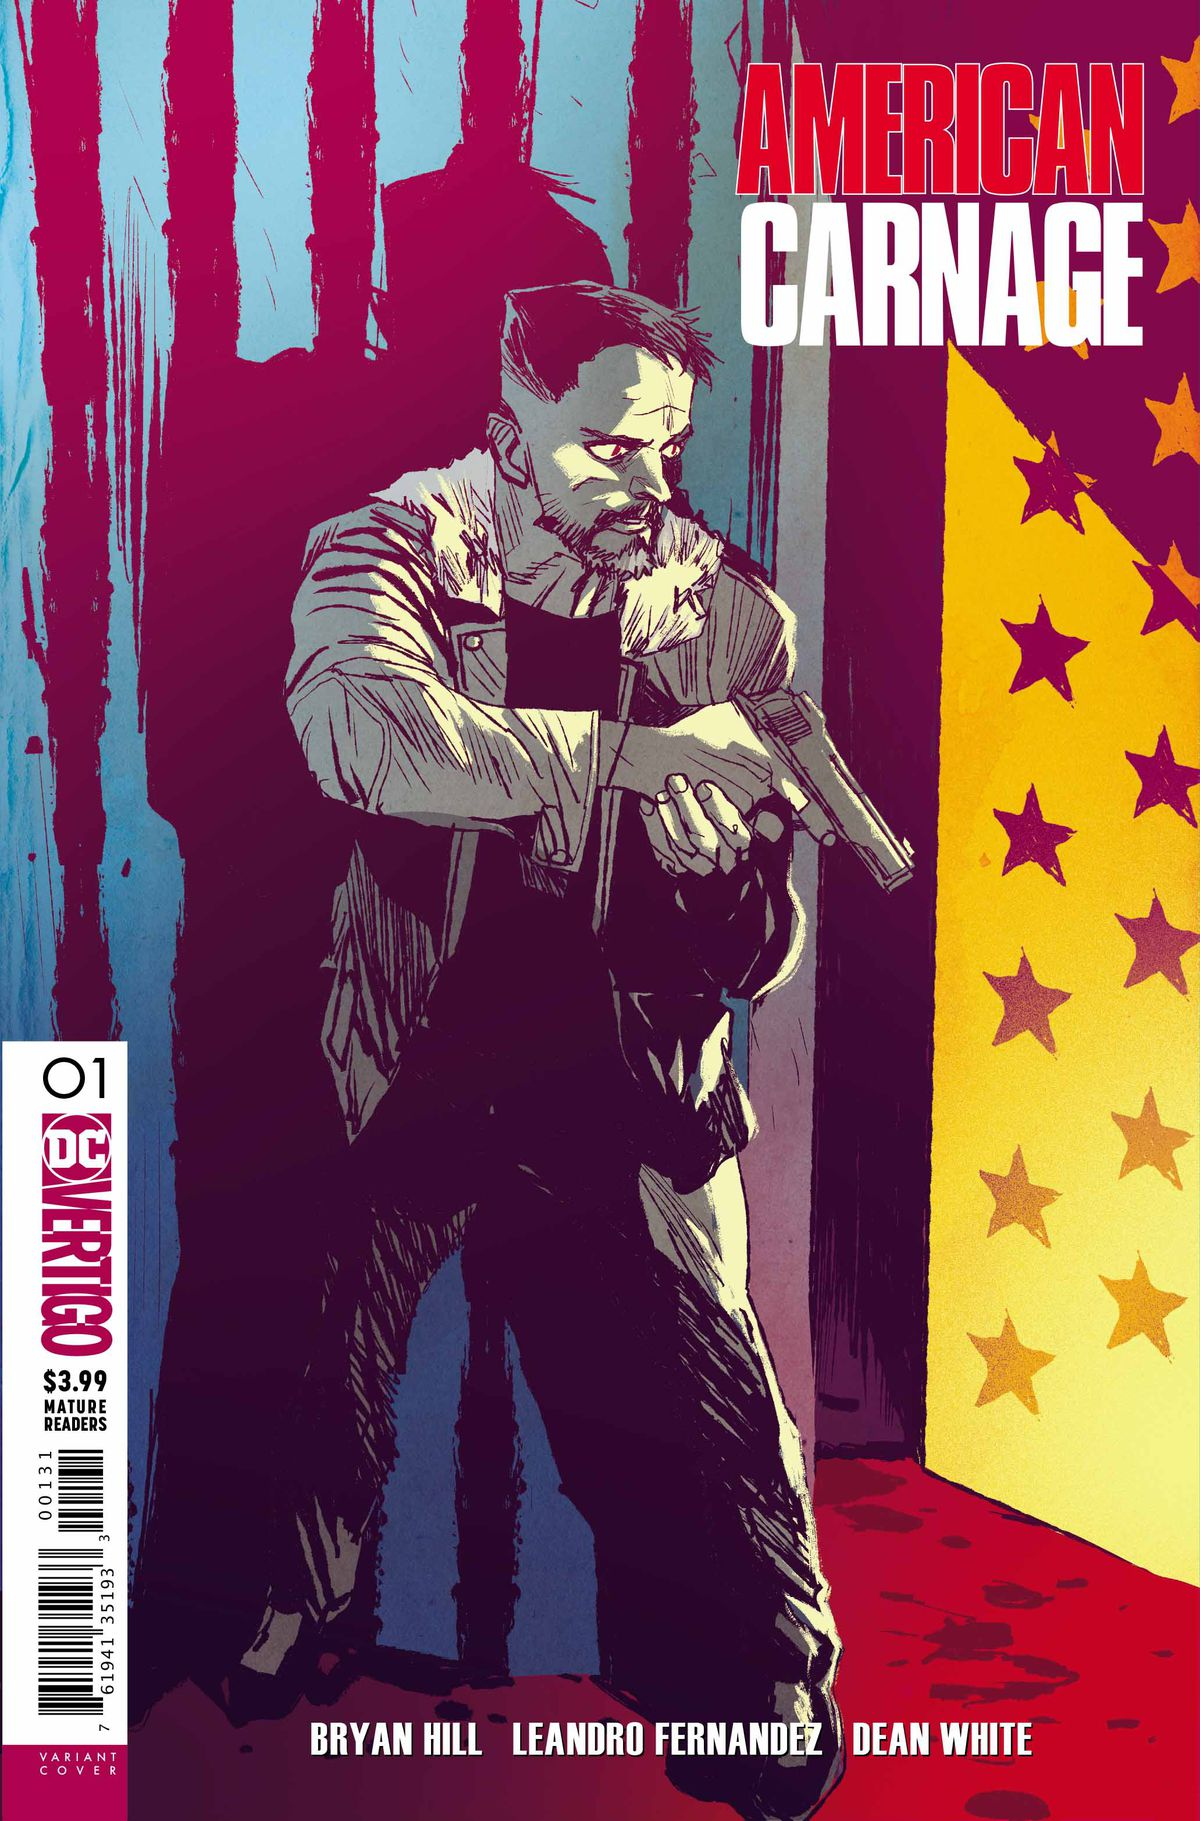 Variant cover of American Carnage #1, DC Vertigo (2018).